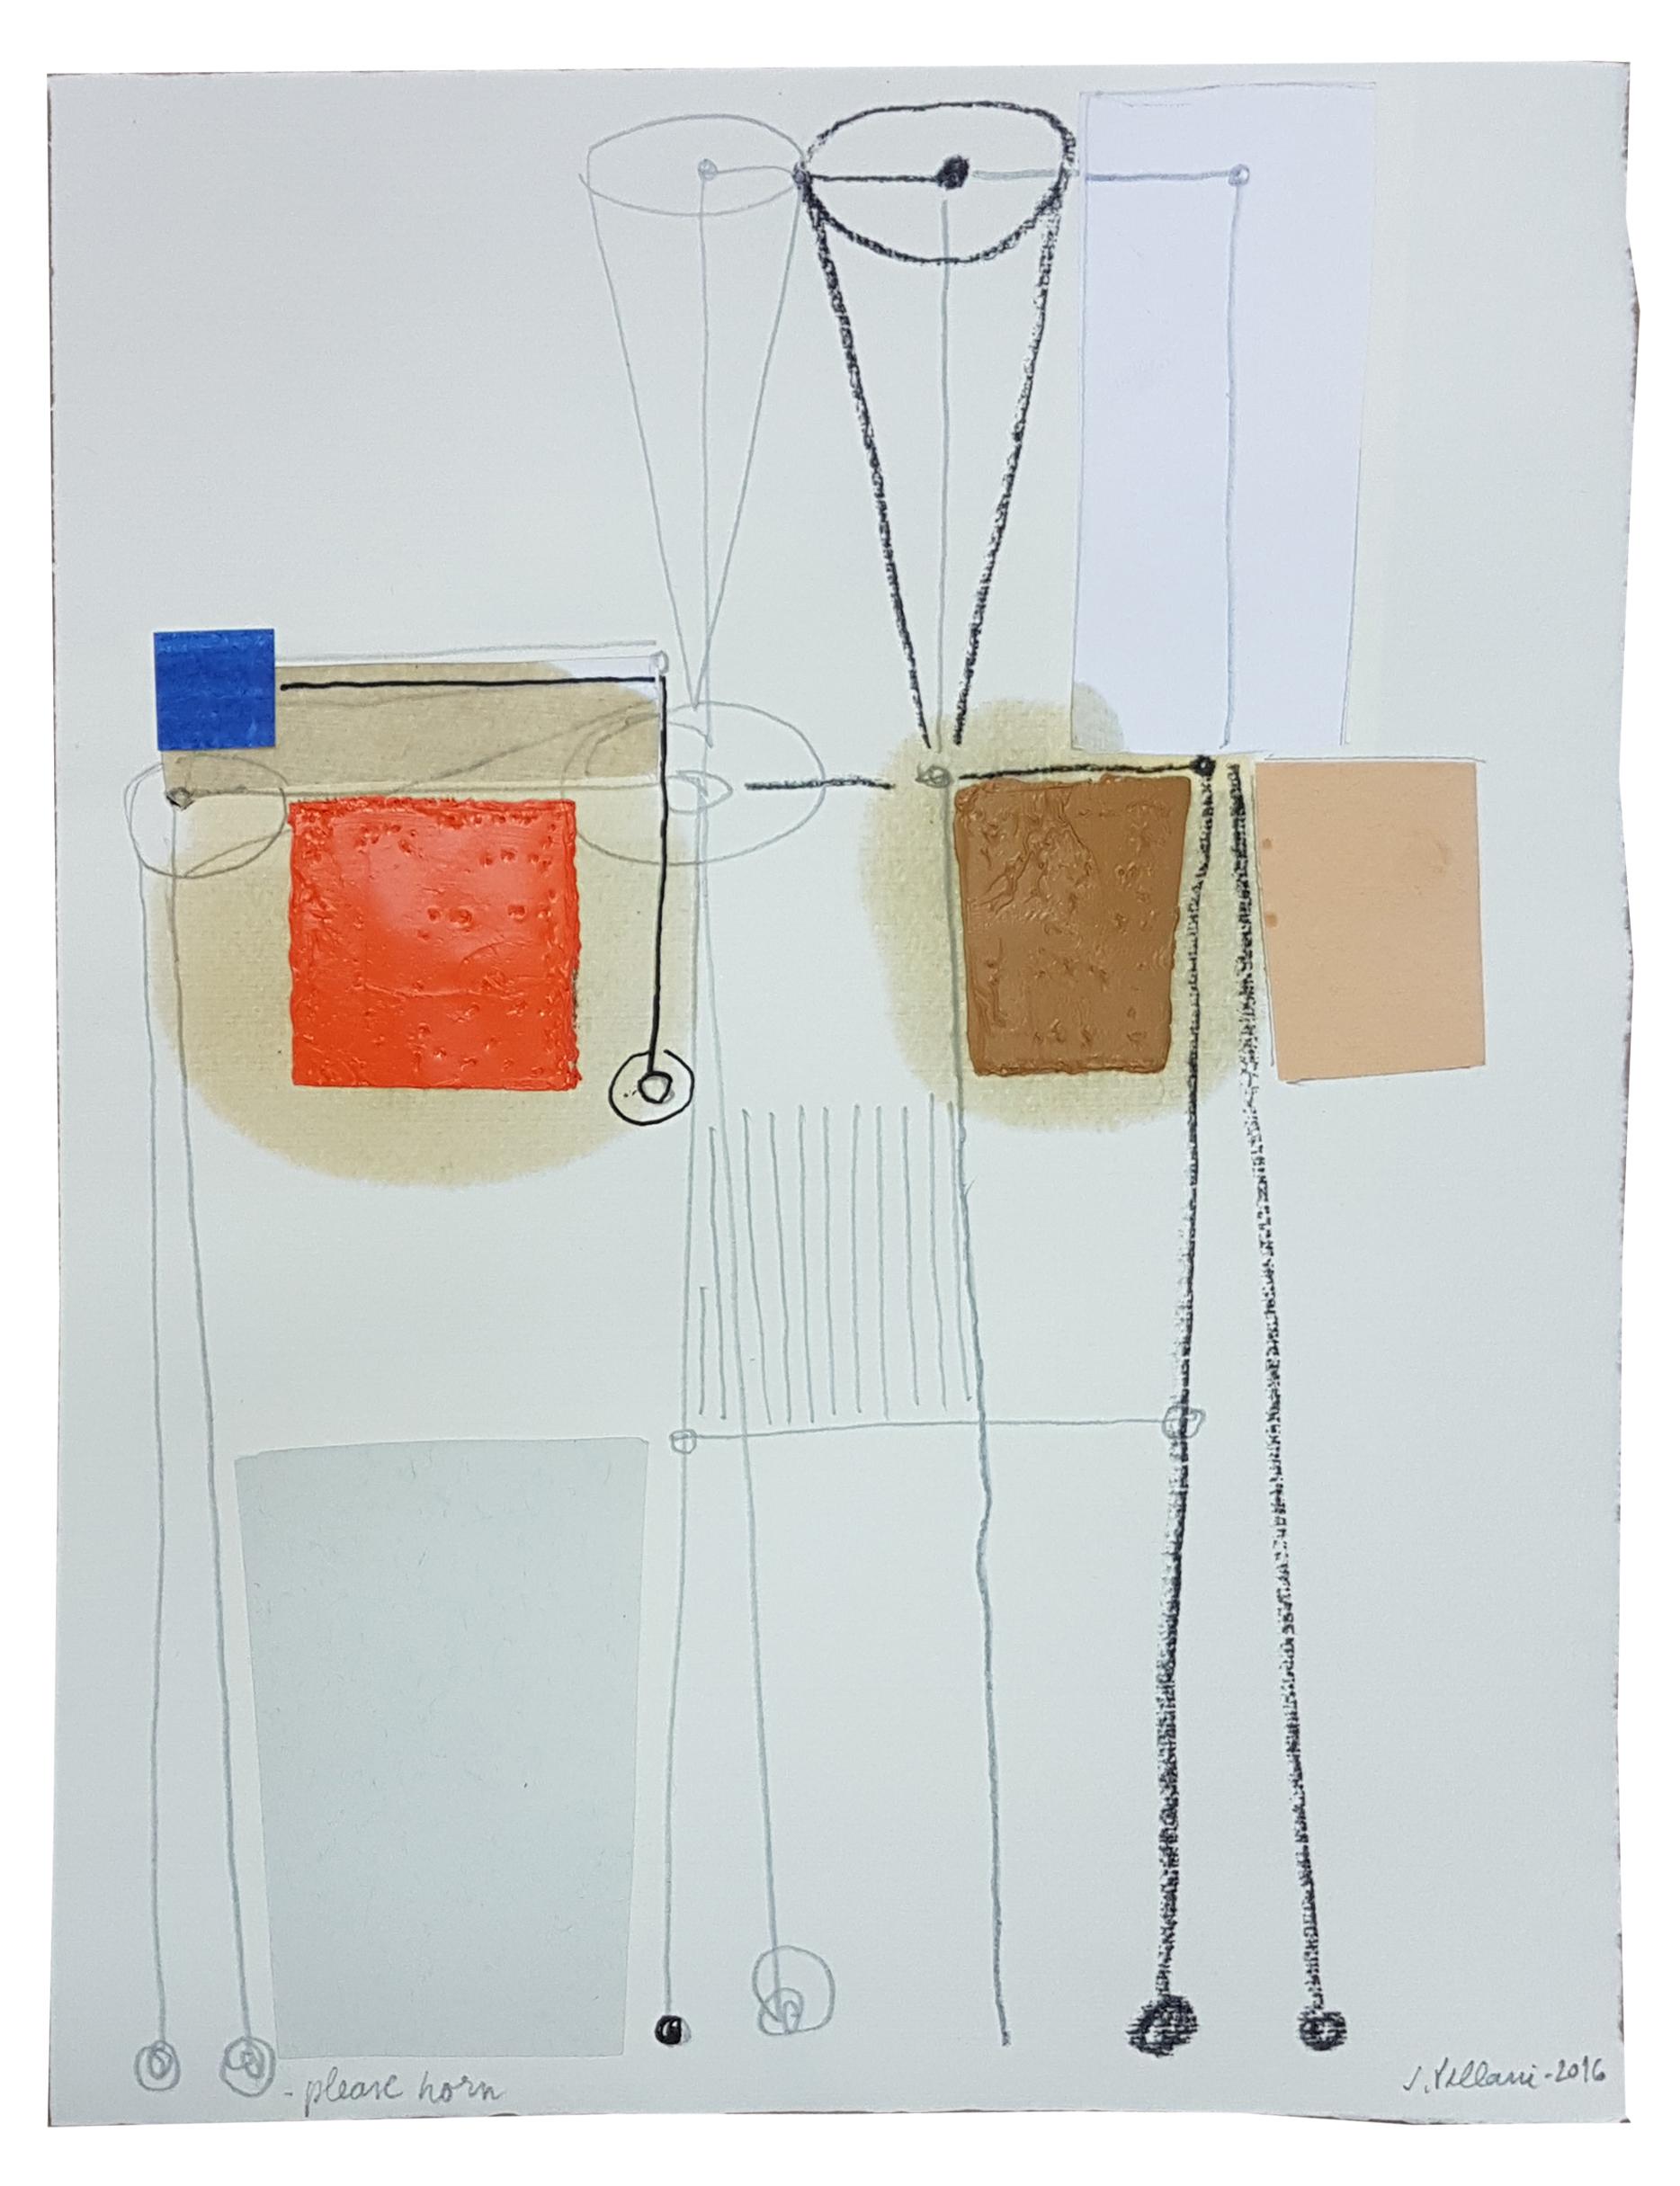 Júlio Villani, Please Horn, óleo sobre documentos cartoriais, 32 x 24,5 cm, 2016.